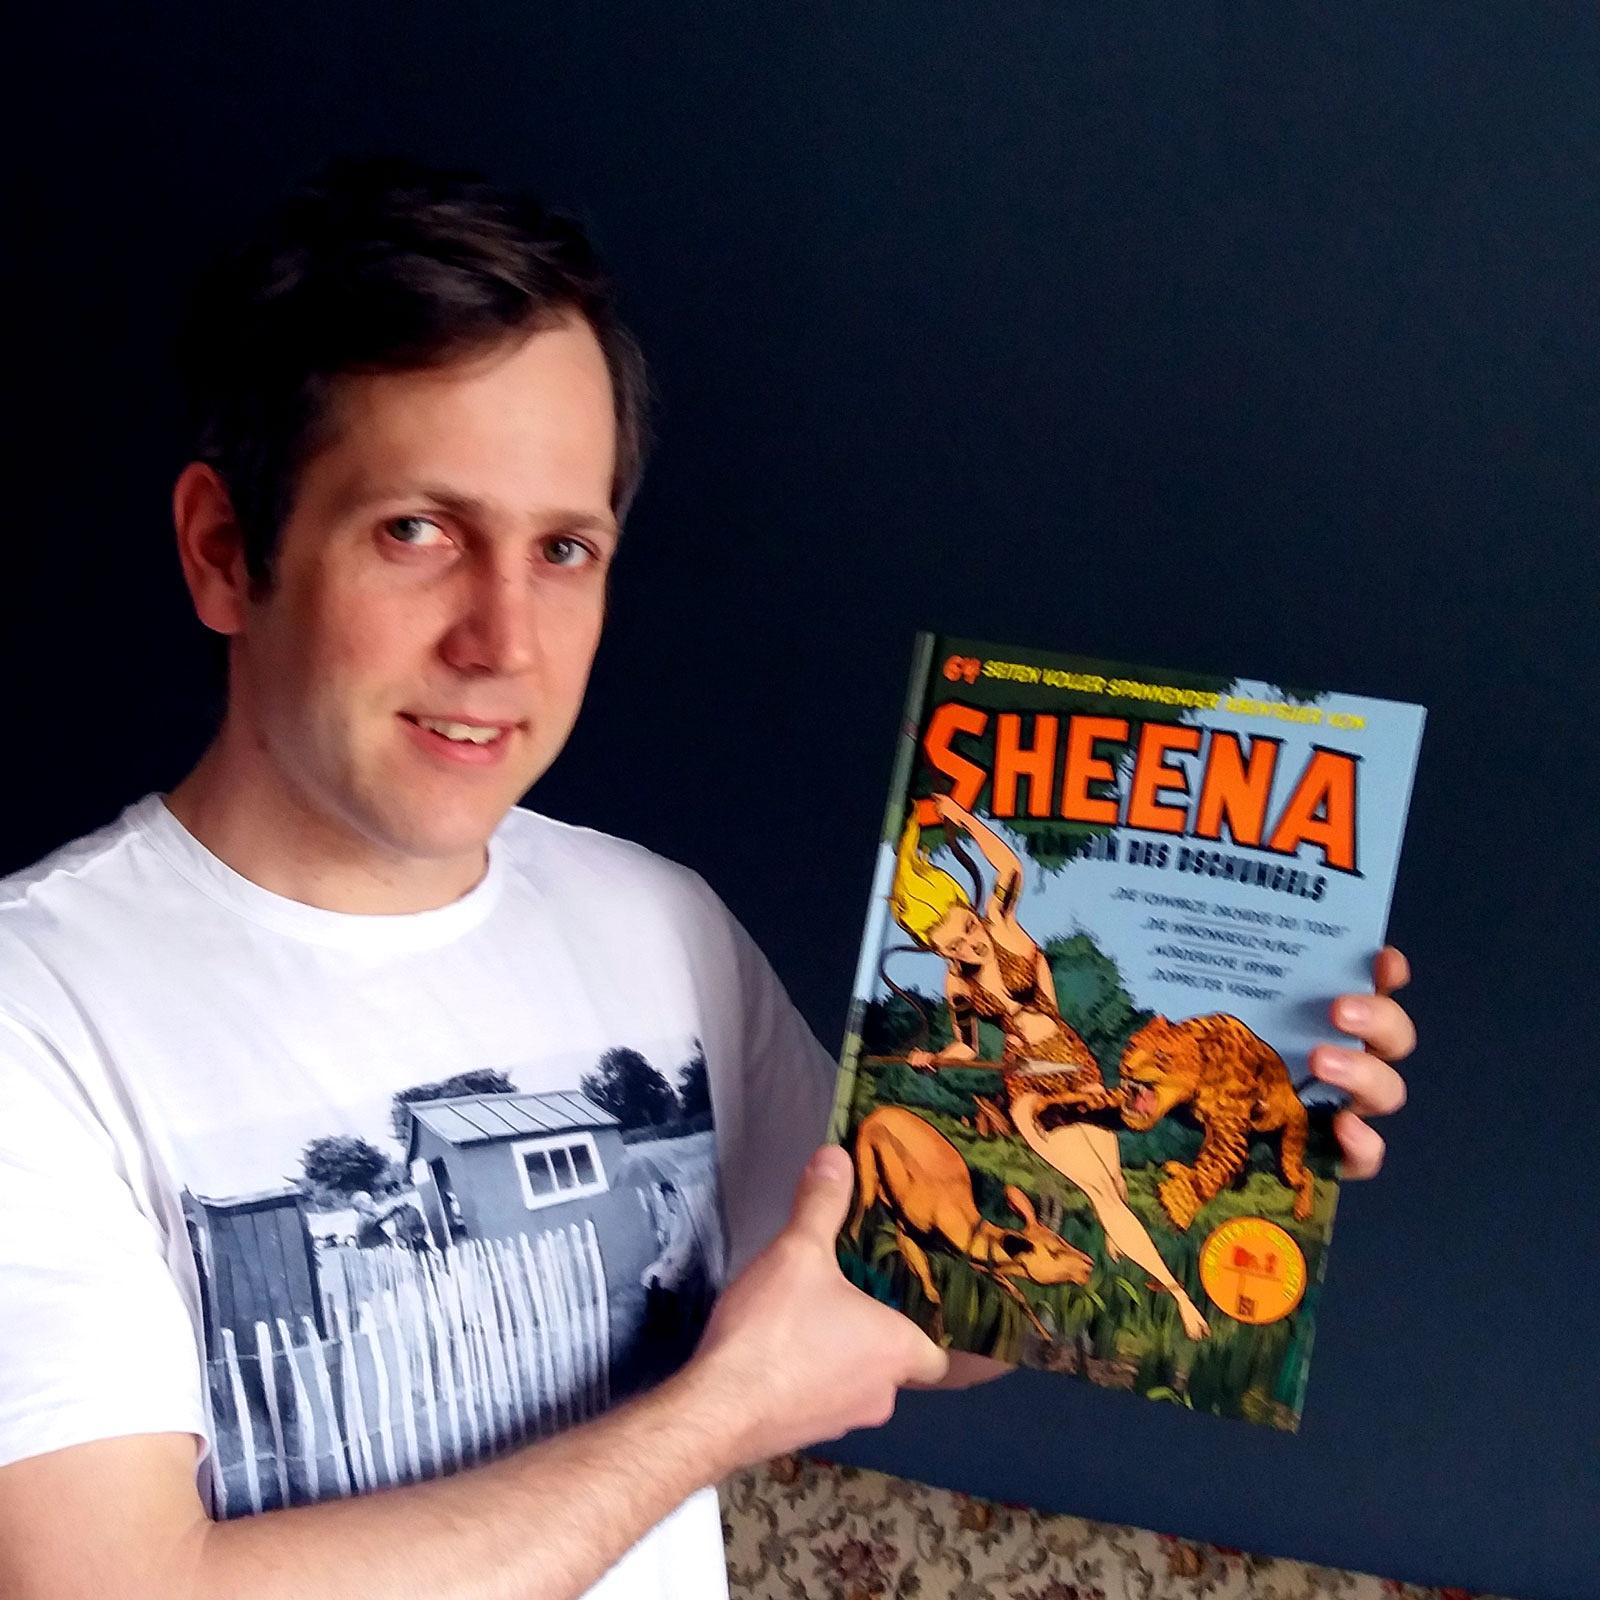 Sheena Nr 2 - Königin des Dschungels